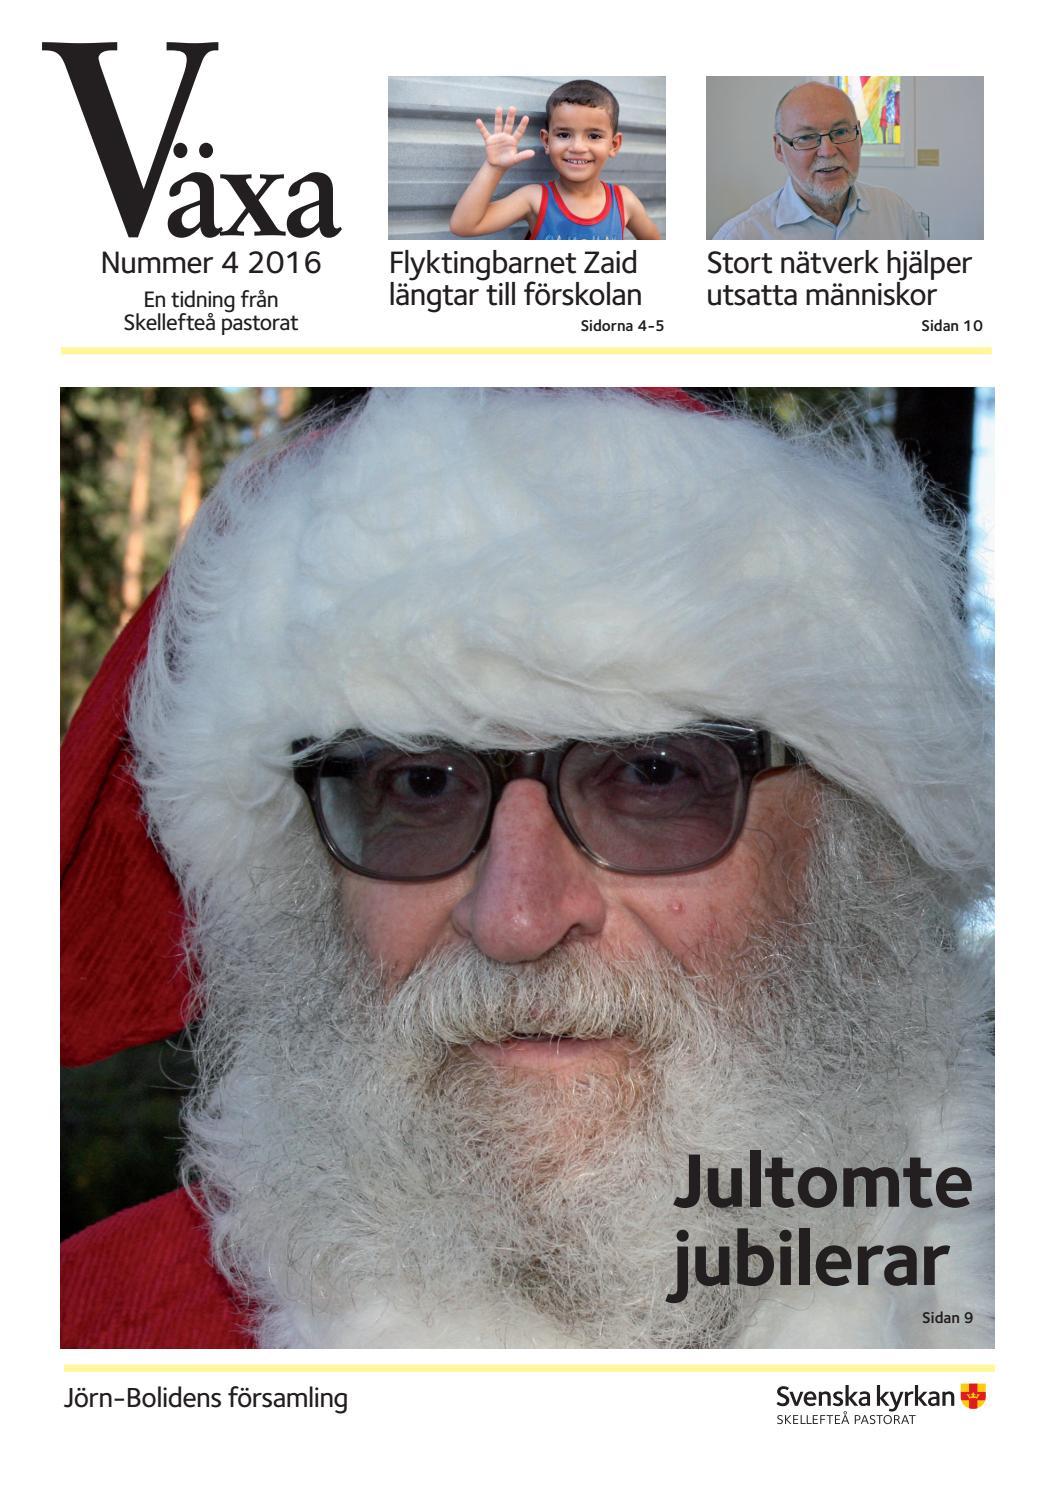 Jultomte jubilerar - Svenska kyrkan